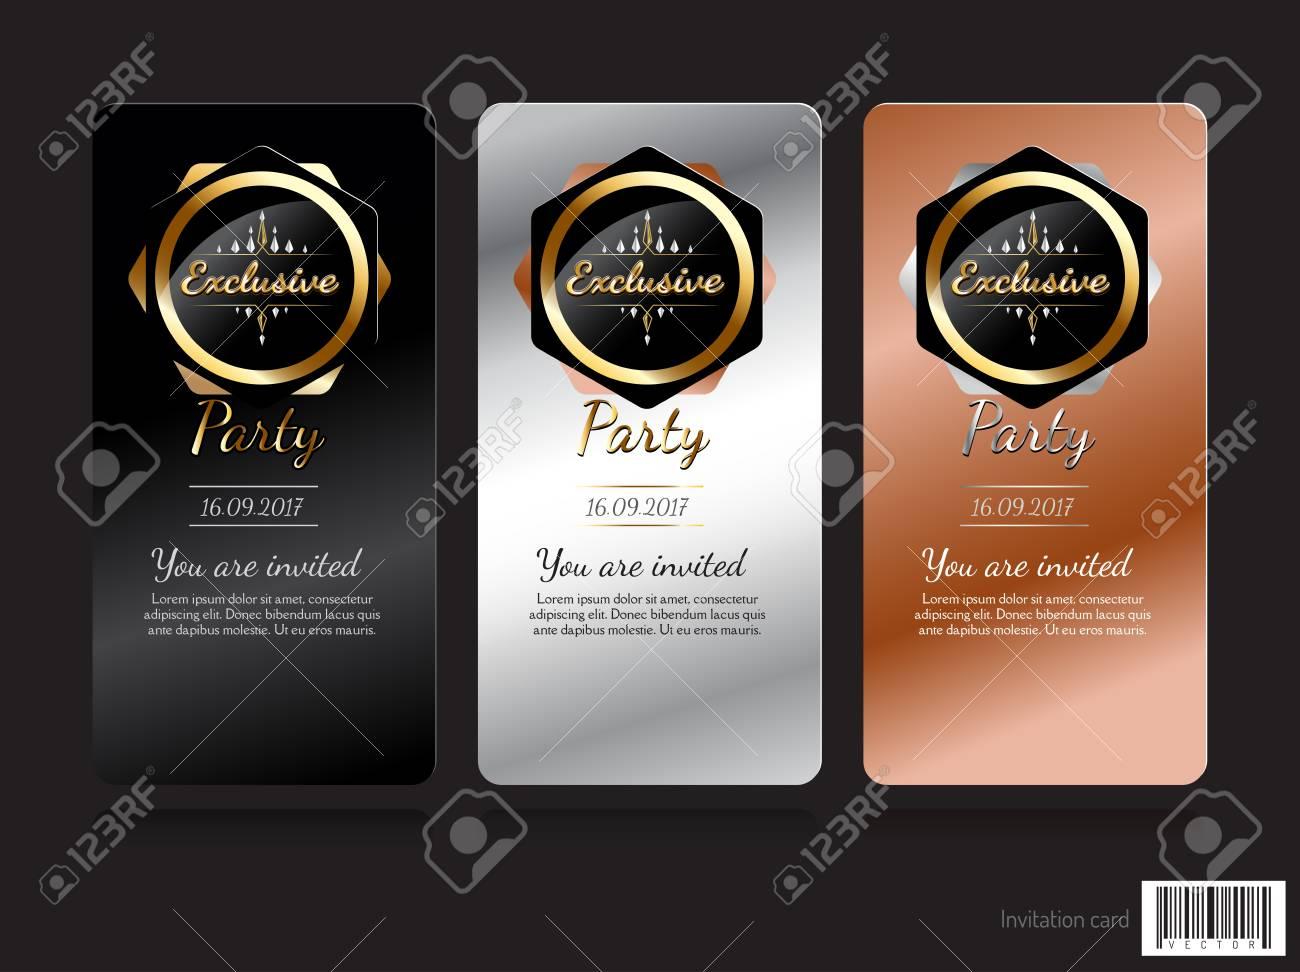 Invitation Card Exclusive Concept Design Vector File